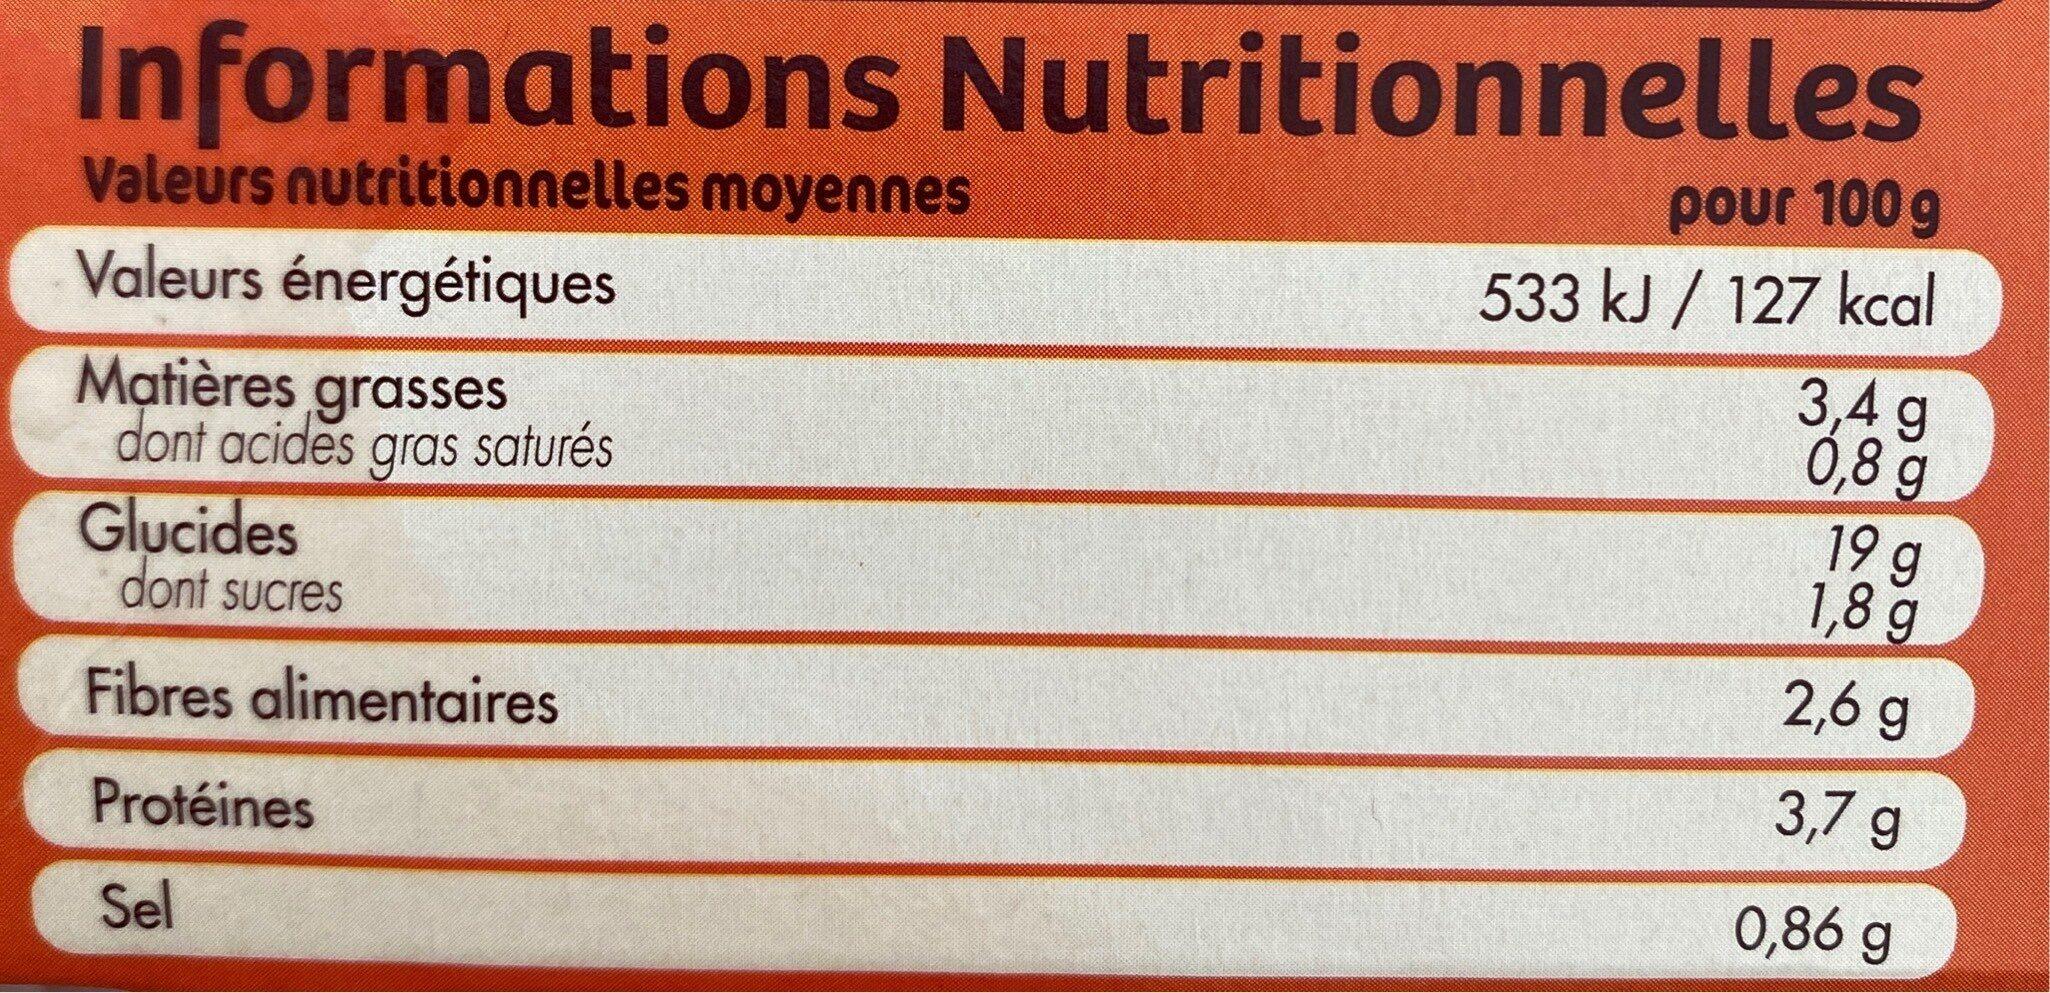 2 grandes galettes quinoa et petits legumes - Informations nutritionnelles - fr